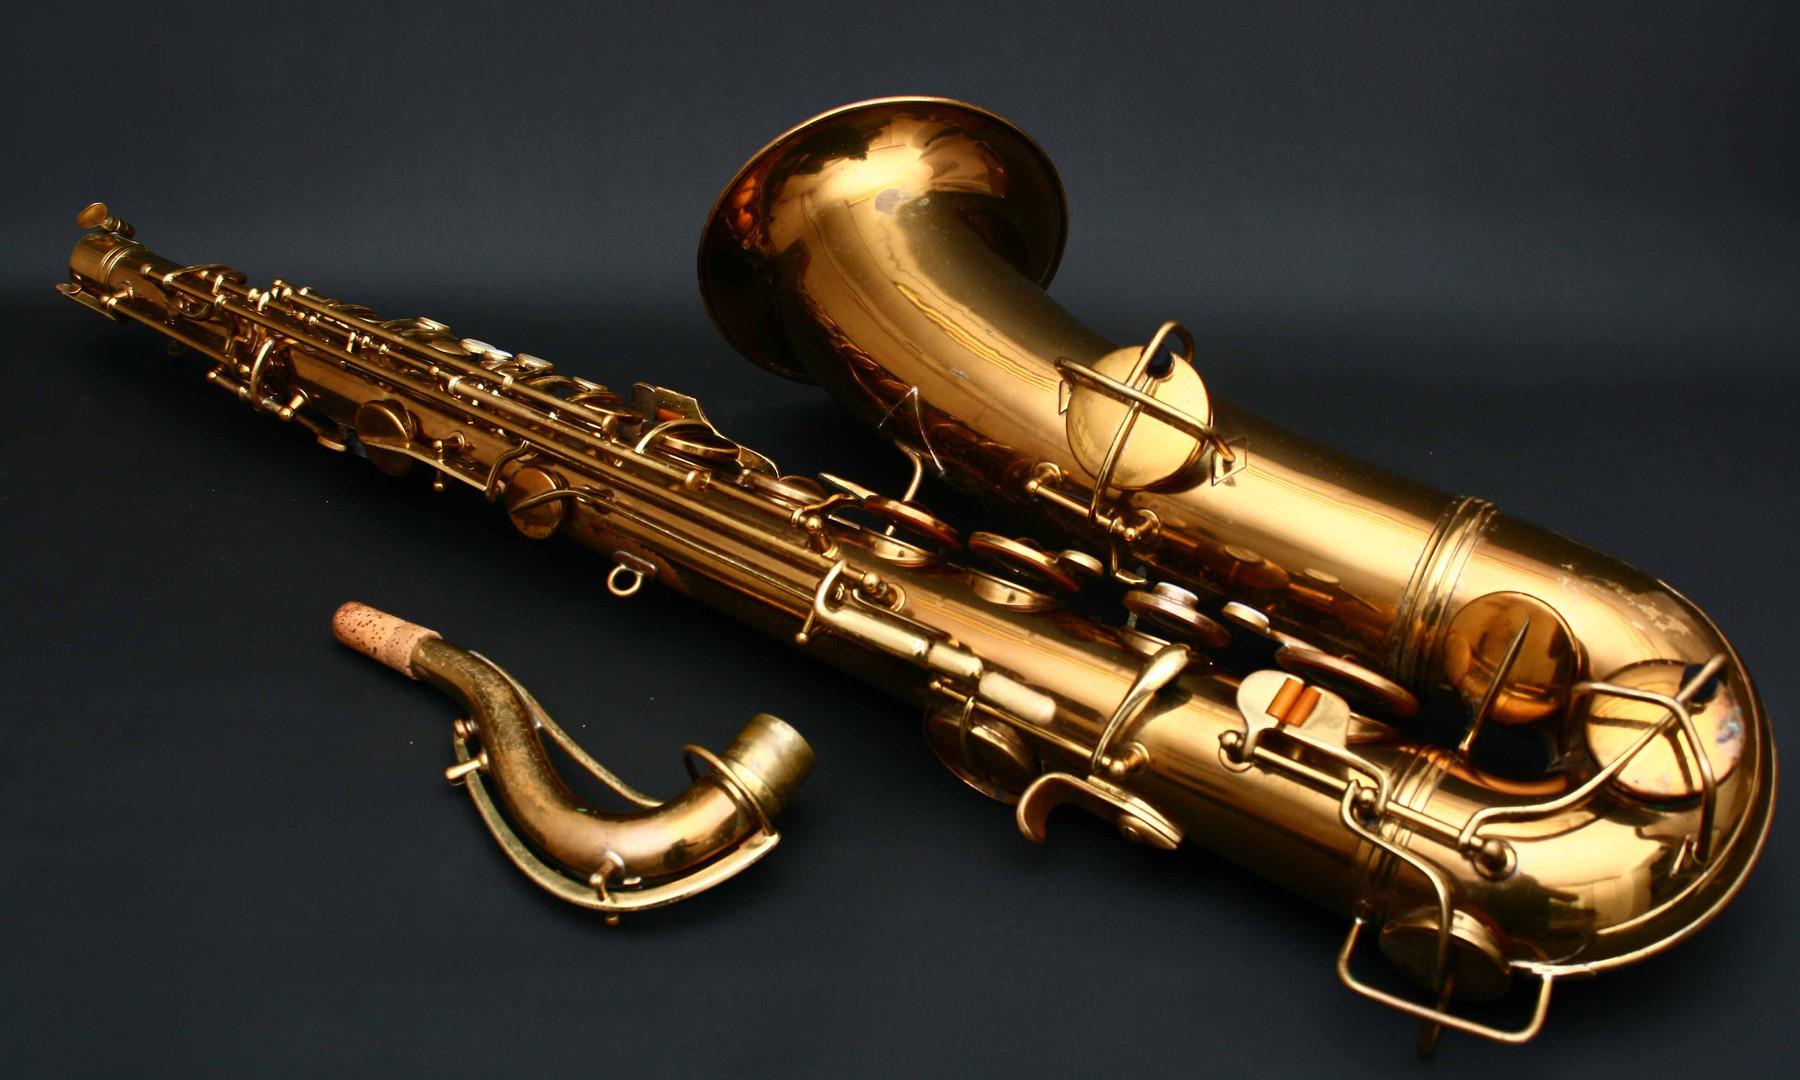 Tenorsaxophon Conn New Wonder II - Saxophon Manufaktur Marx